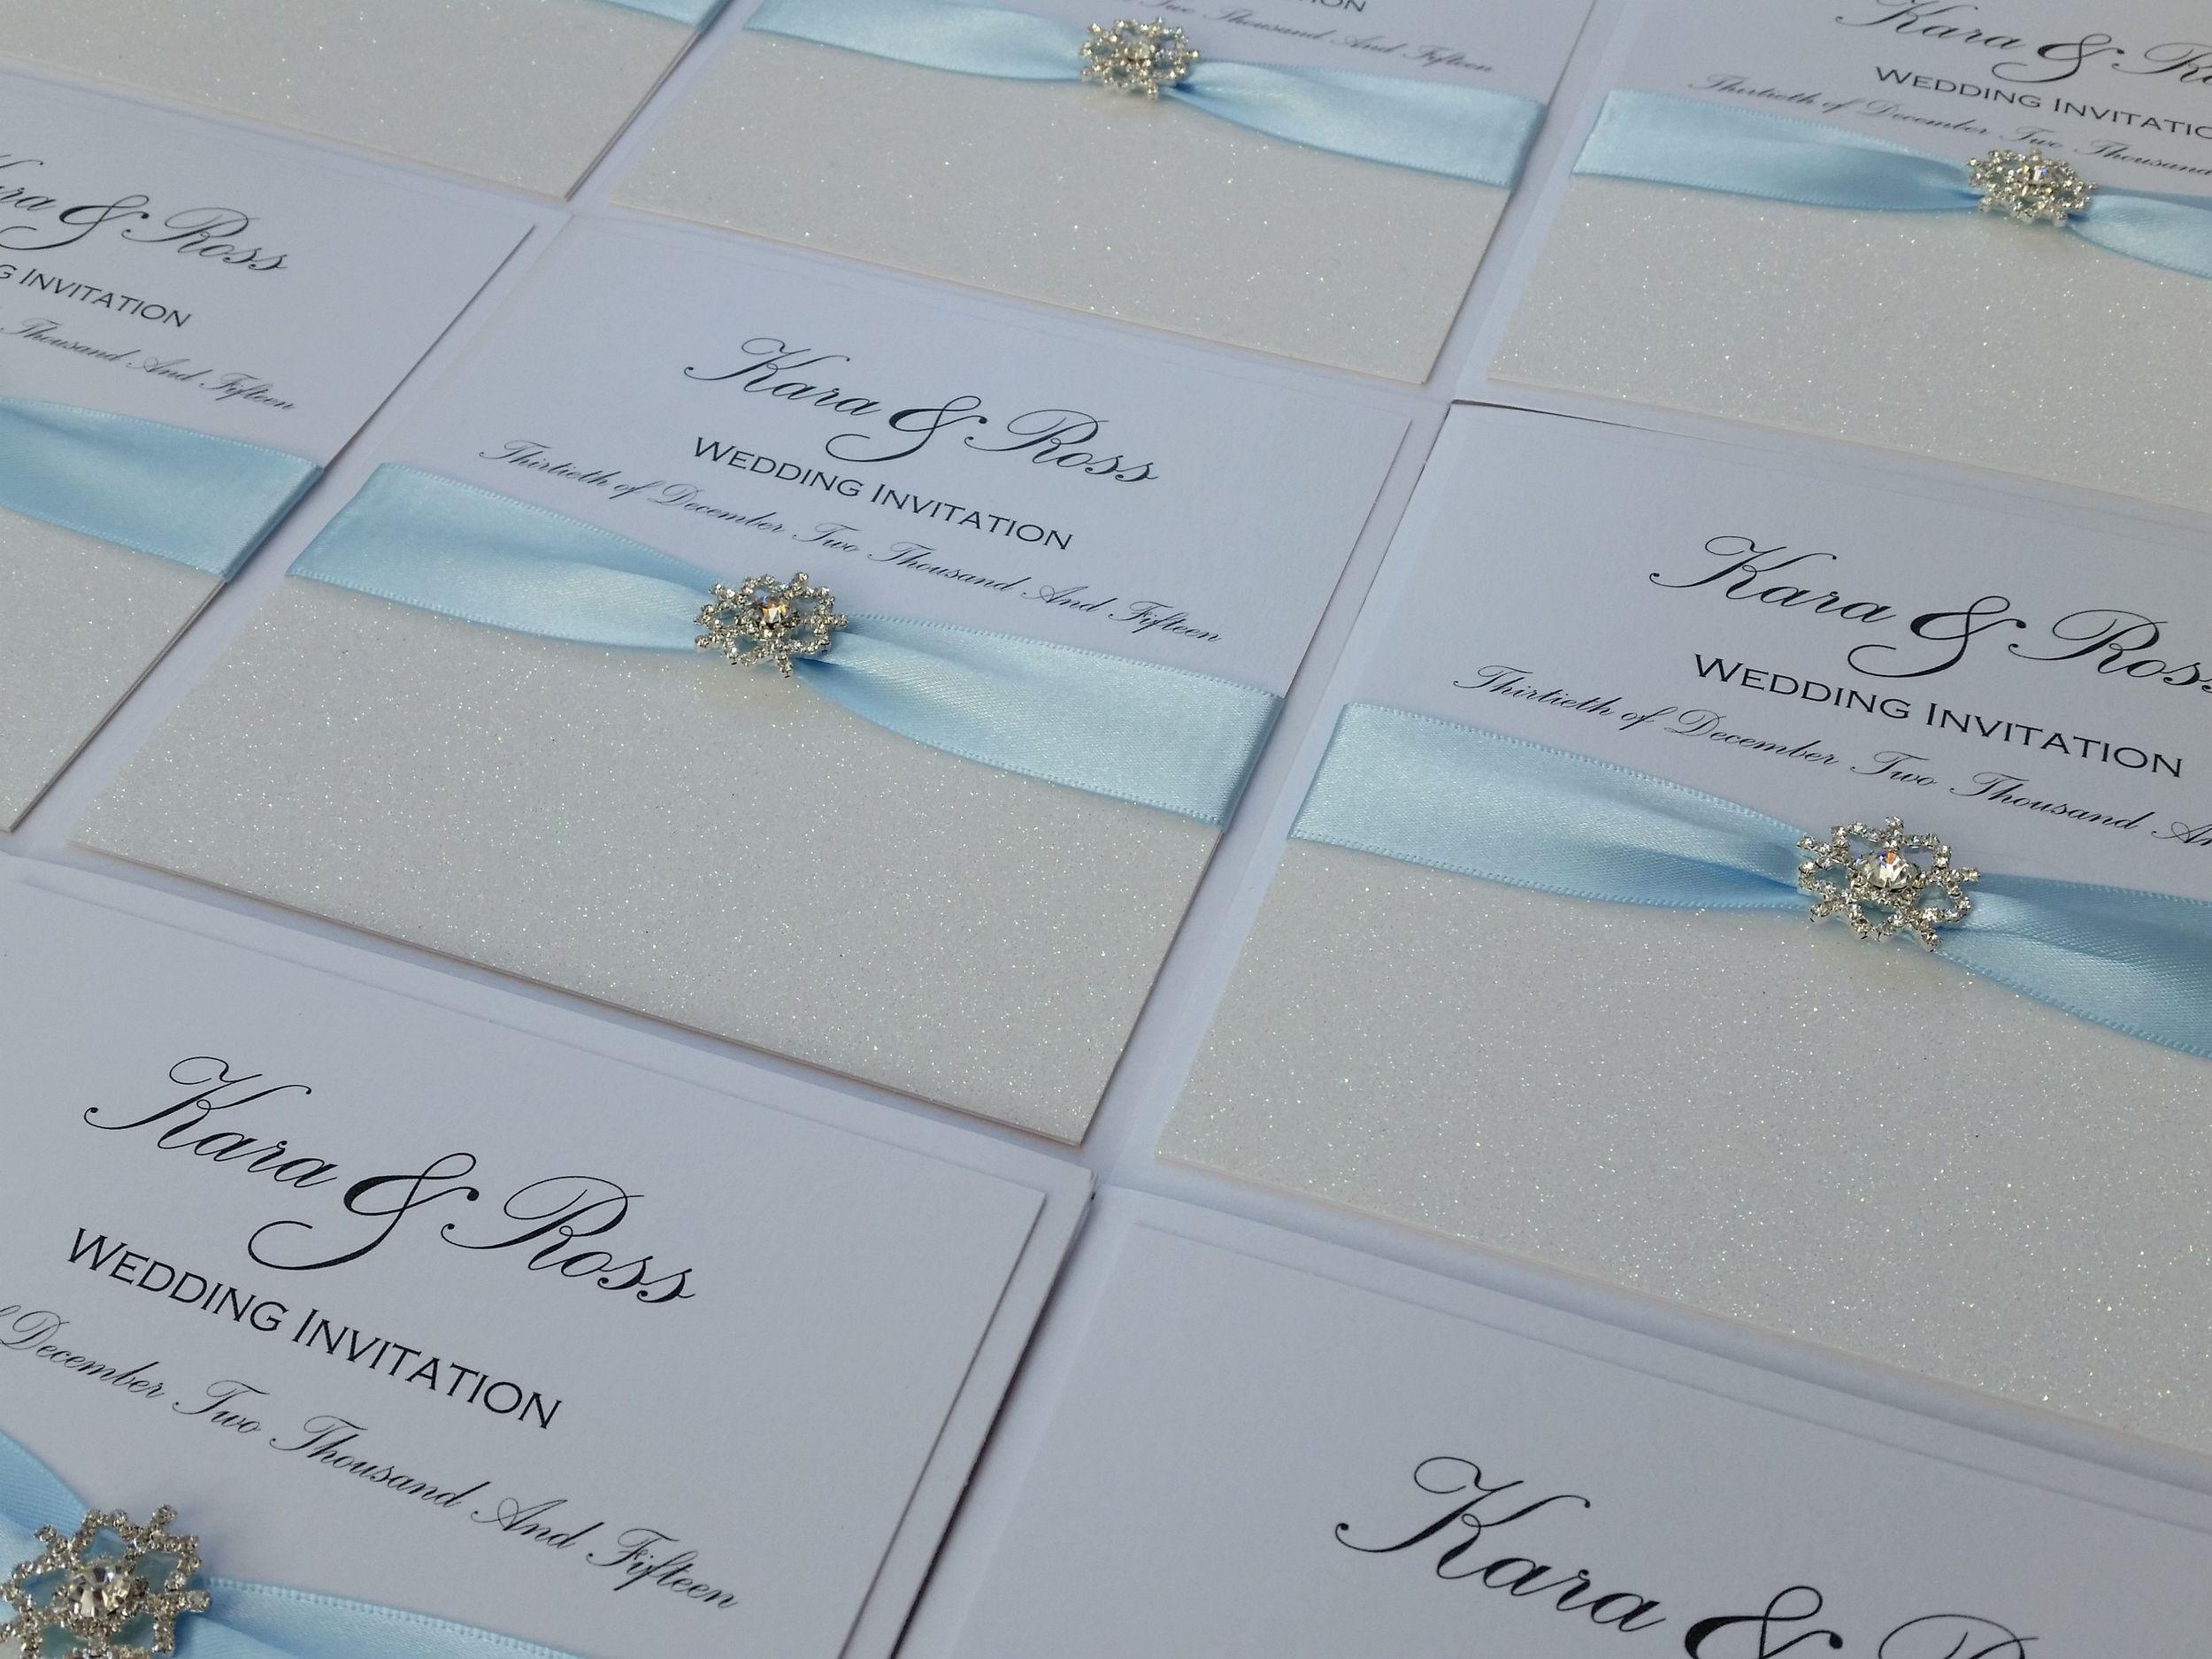 Kara & Ross - wedding invitations.jpg